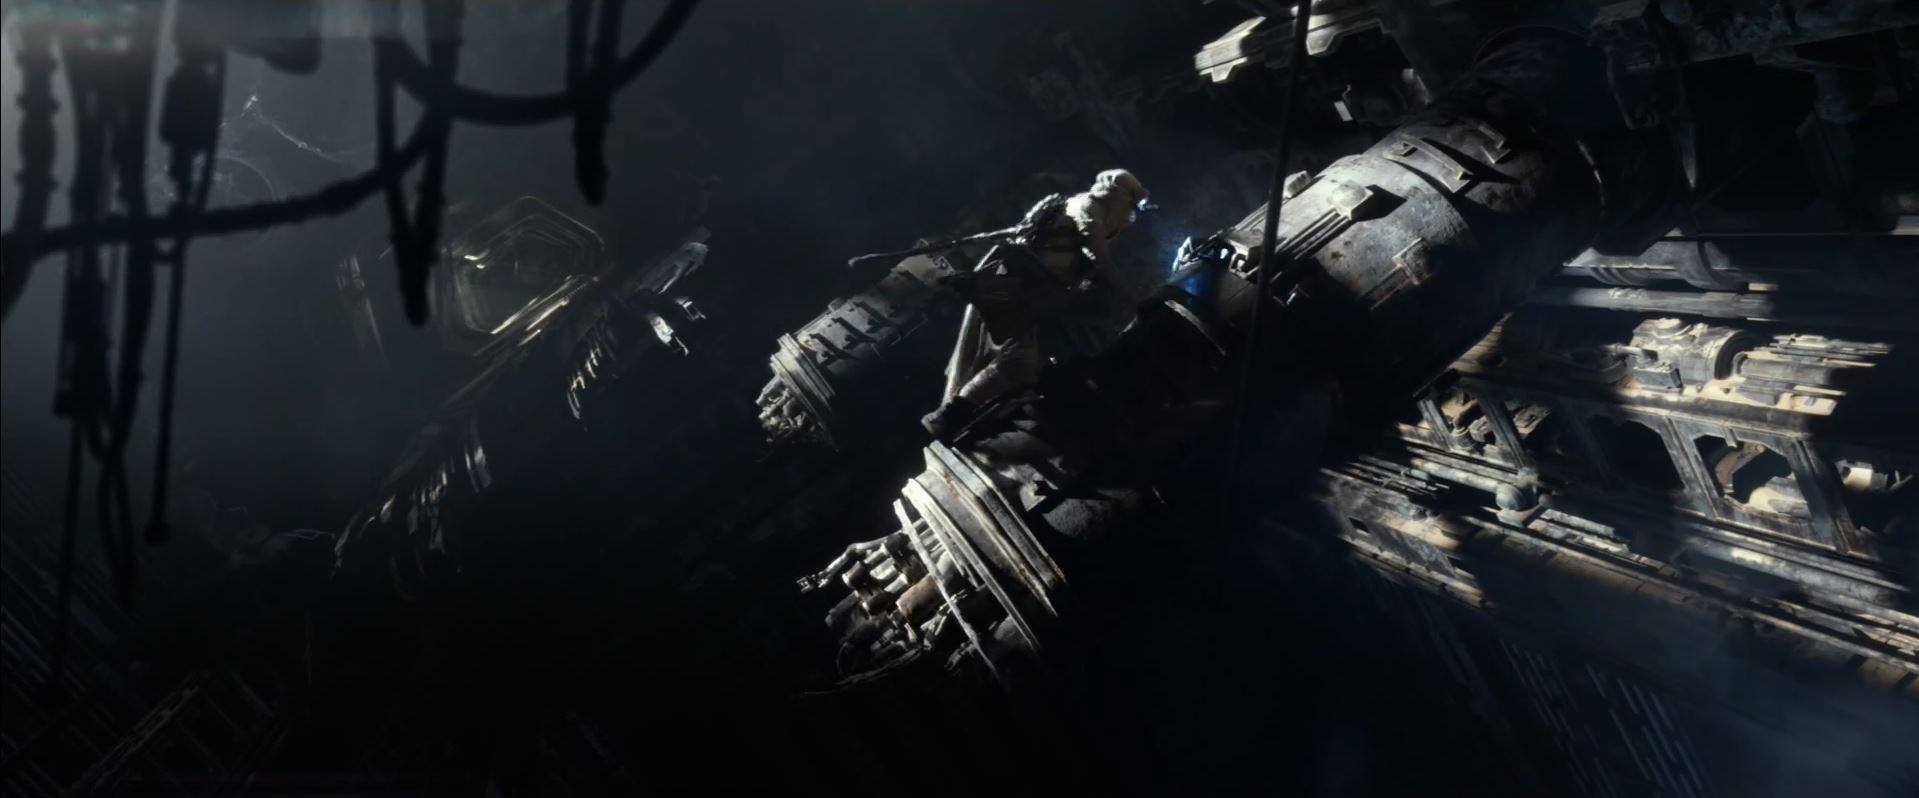 Rey scavenging on Jakku